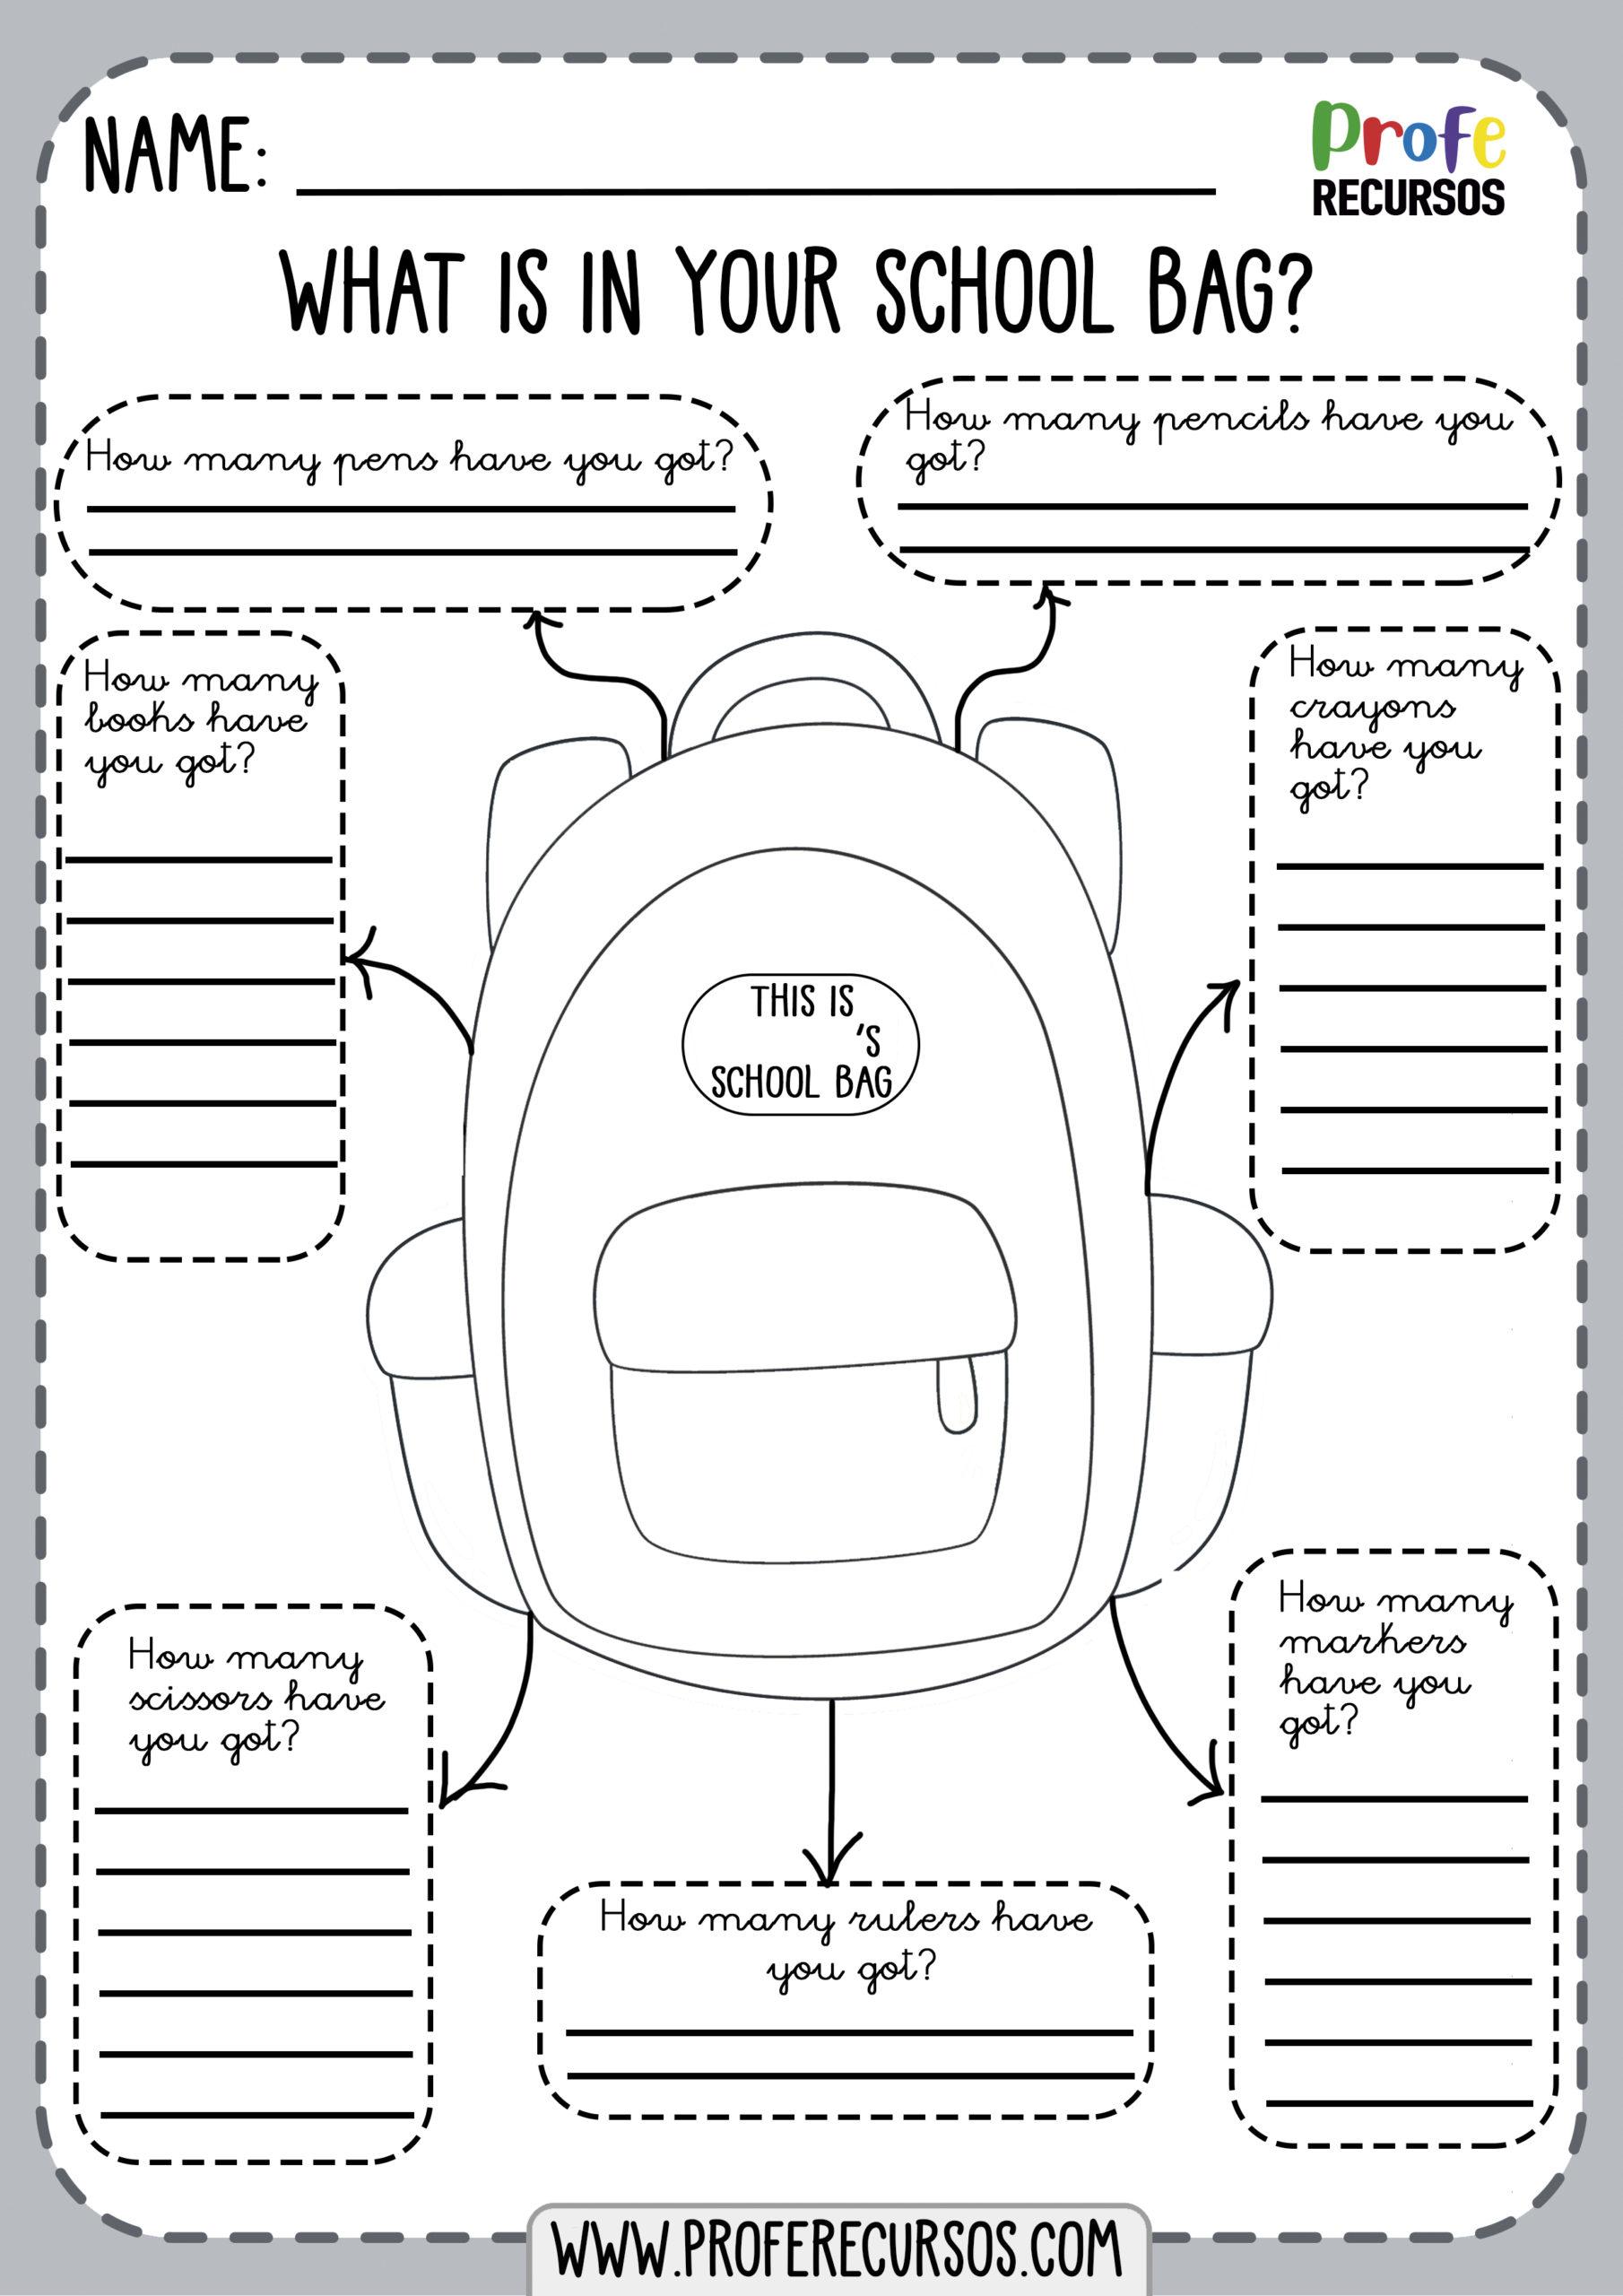 School Objects Worksheet1